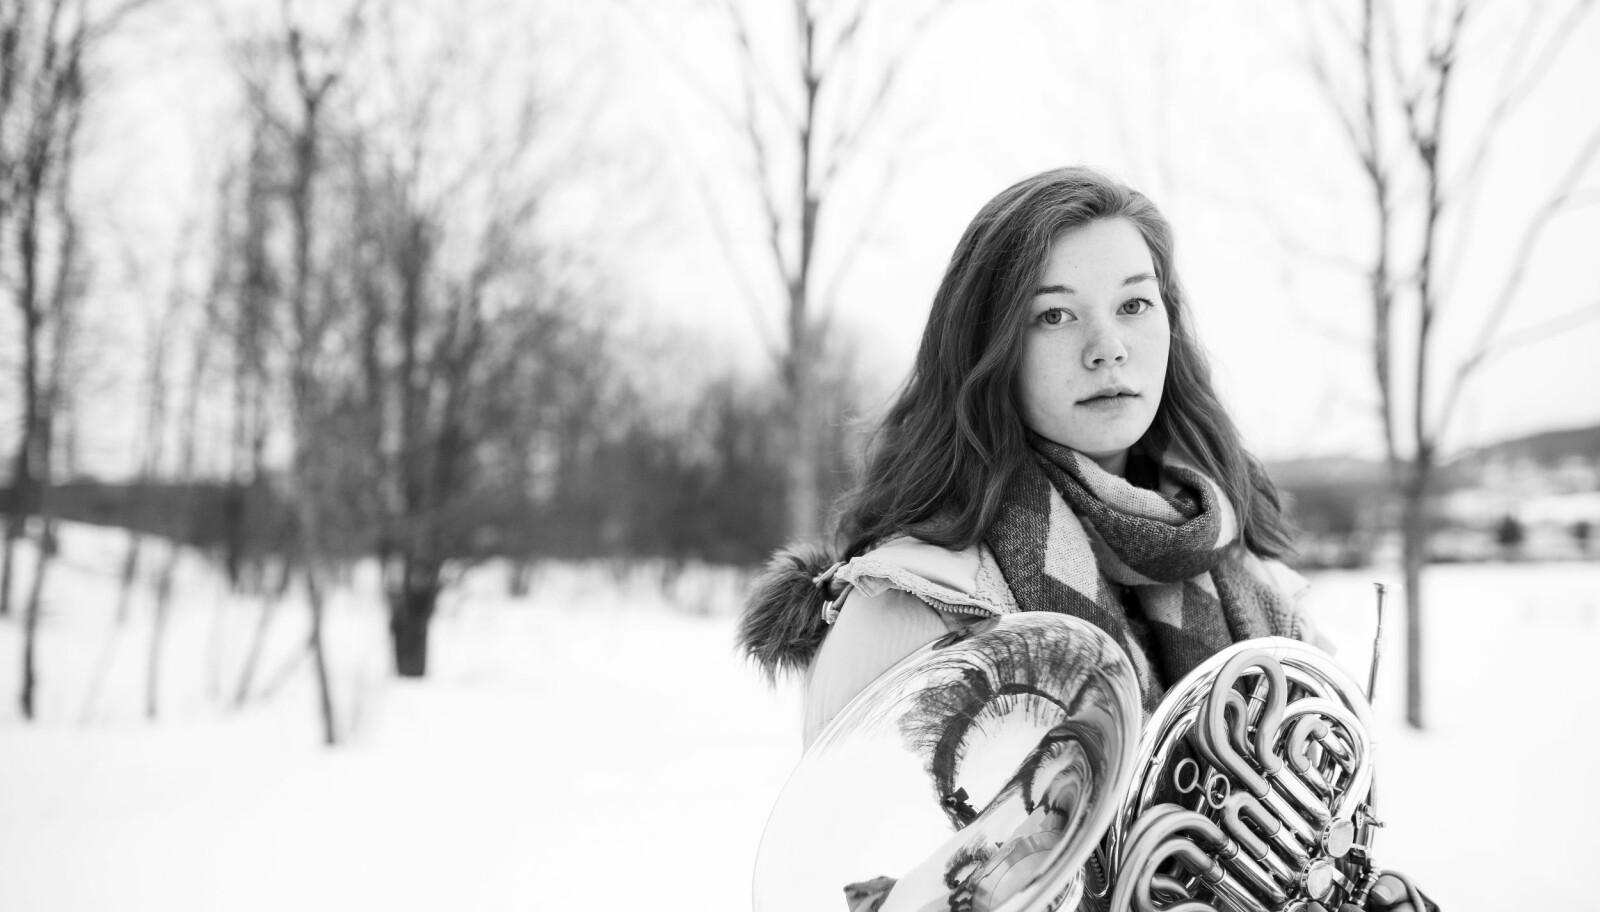 Tidligere trodde Ina (19) at hornet skulle bli hennes arbeidsredskap. Etter hendelsen sluttet hun i lang tid helt å øve. Foto: Erik M. Sundt